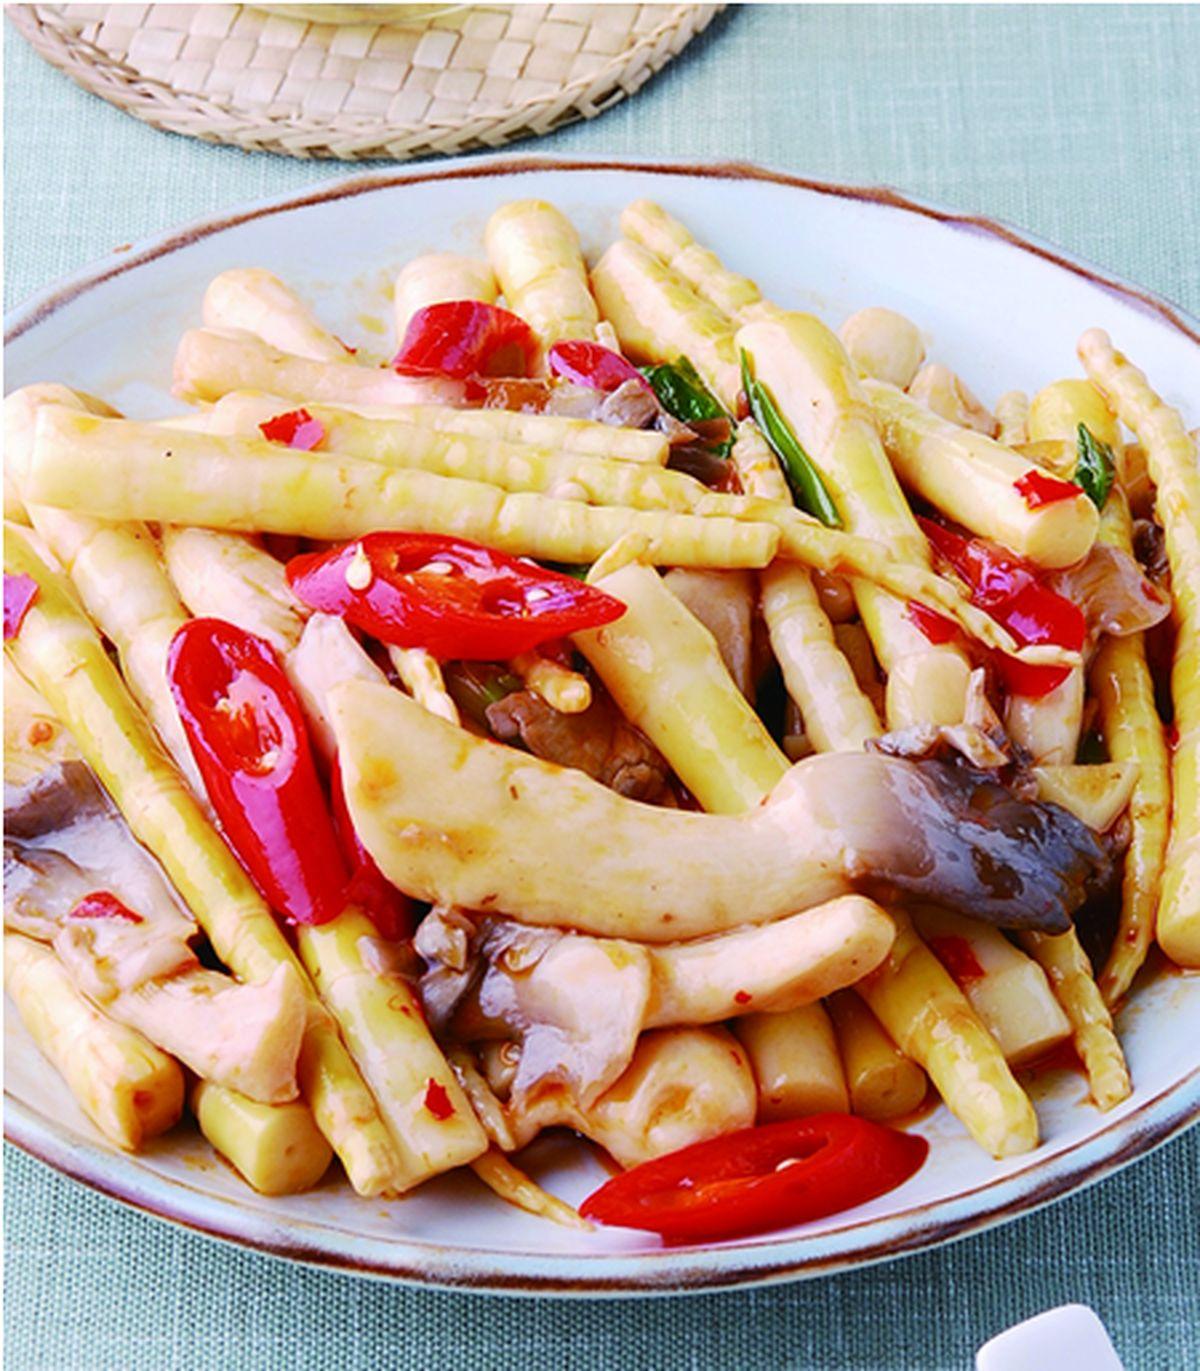 食譜:箭筍炒鮮菇